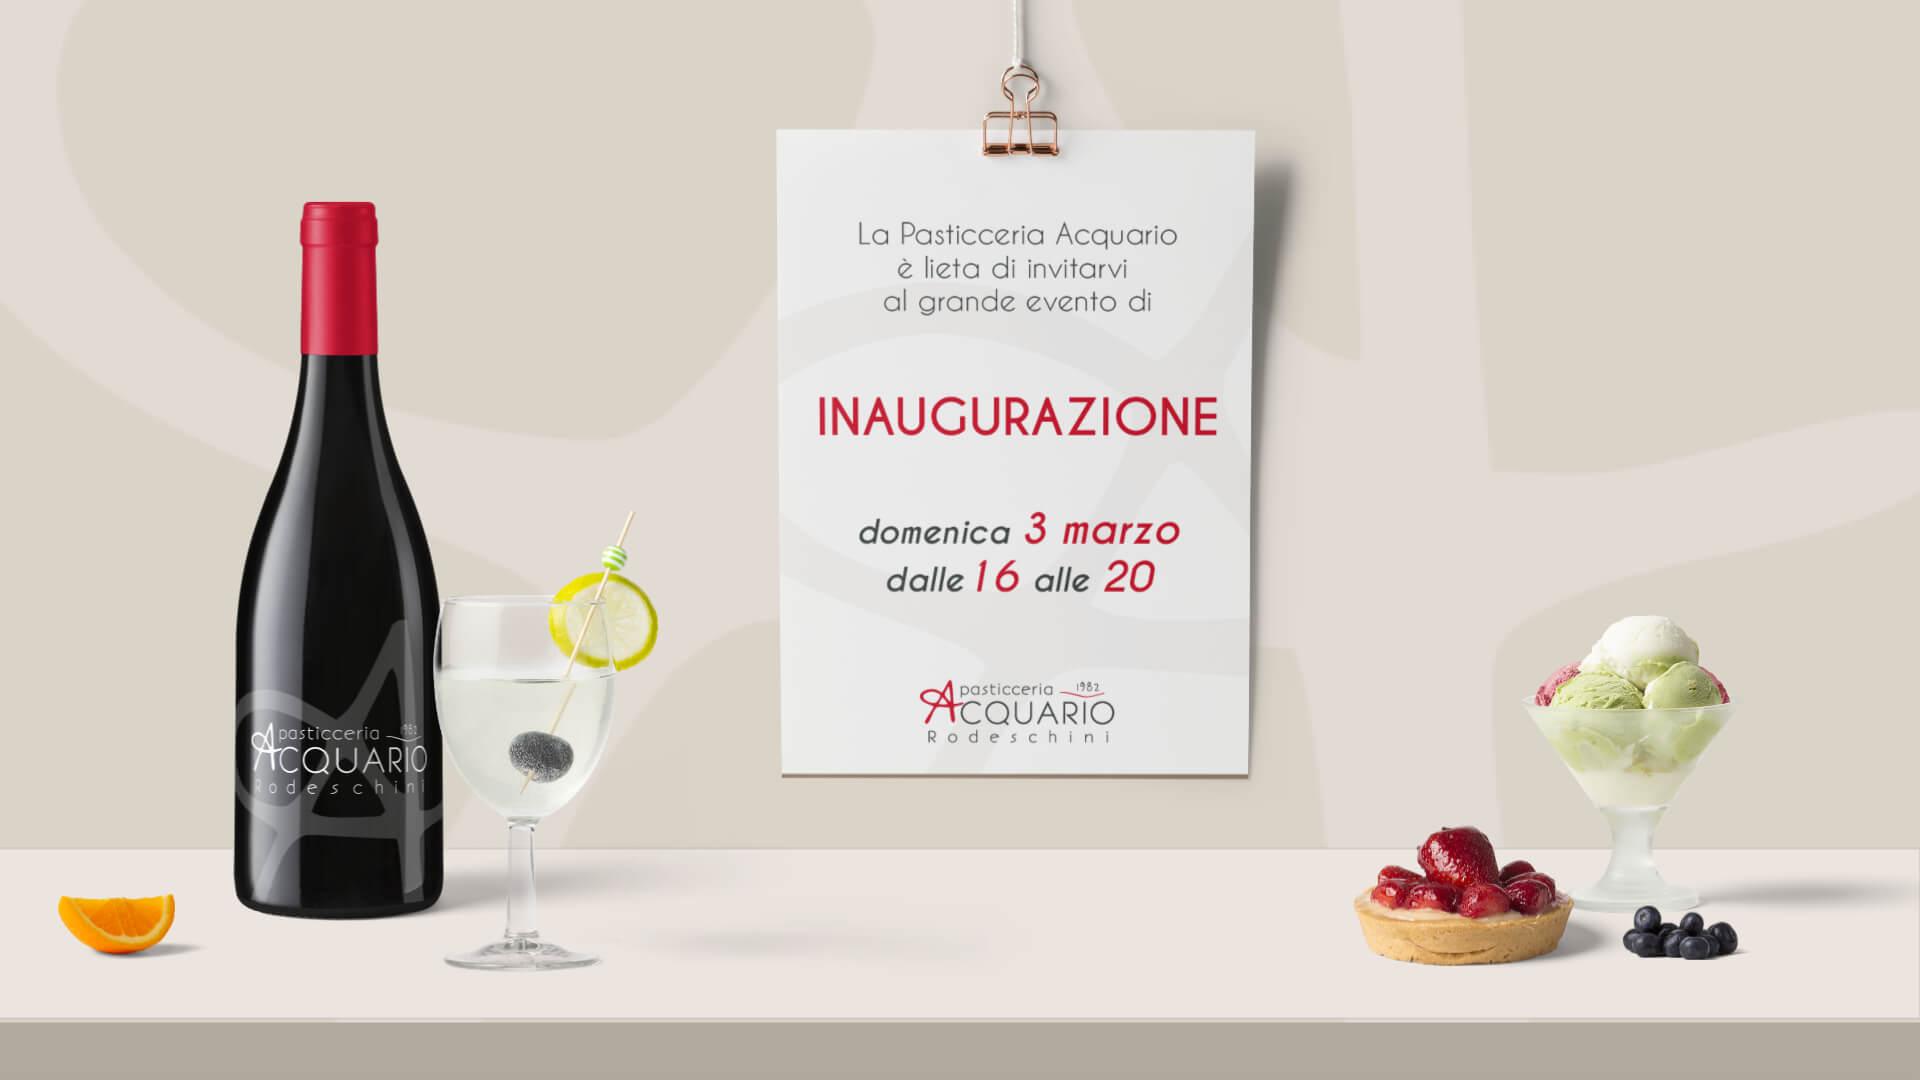 Inaugurazione della nuova sede: ti aspettiamo il 3 marzo!